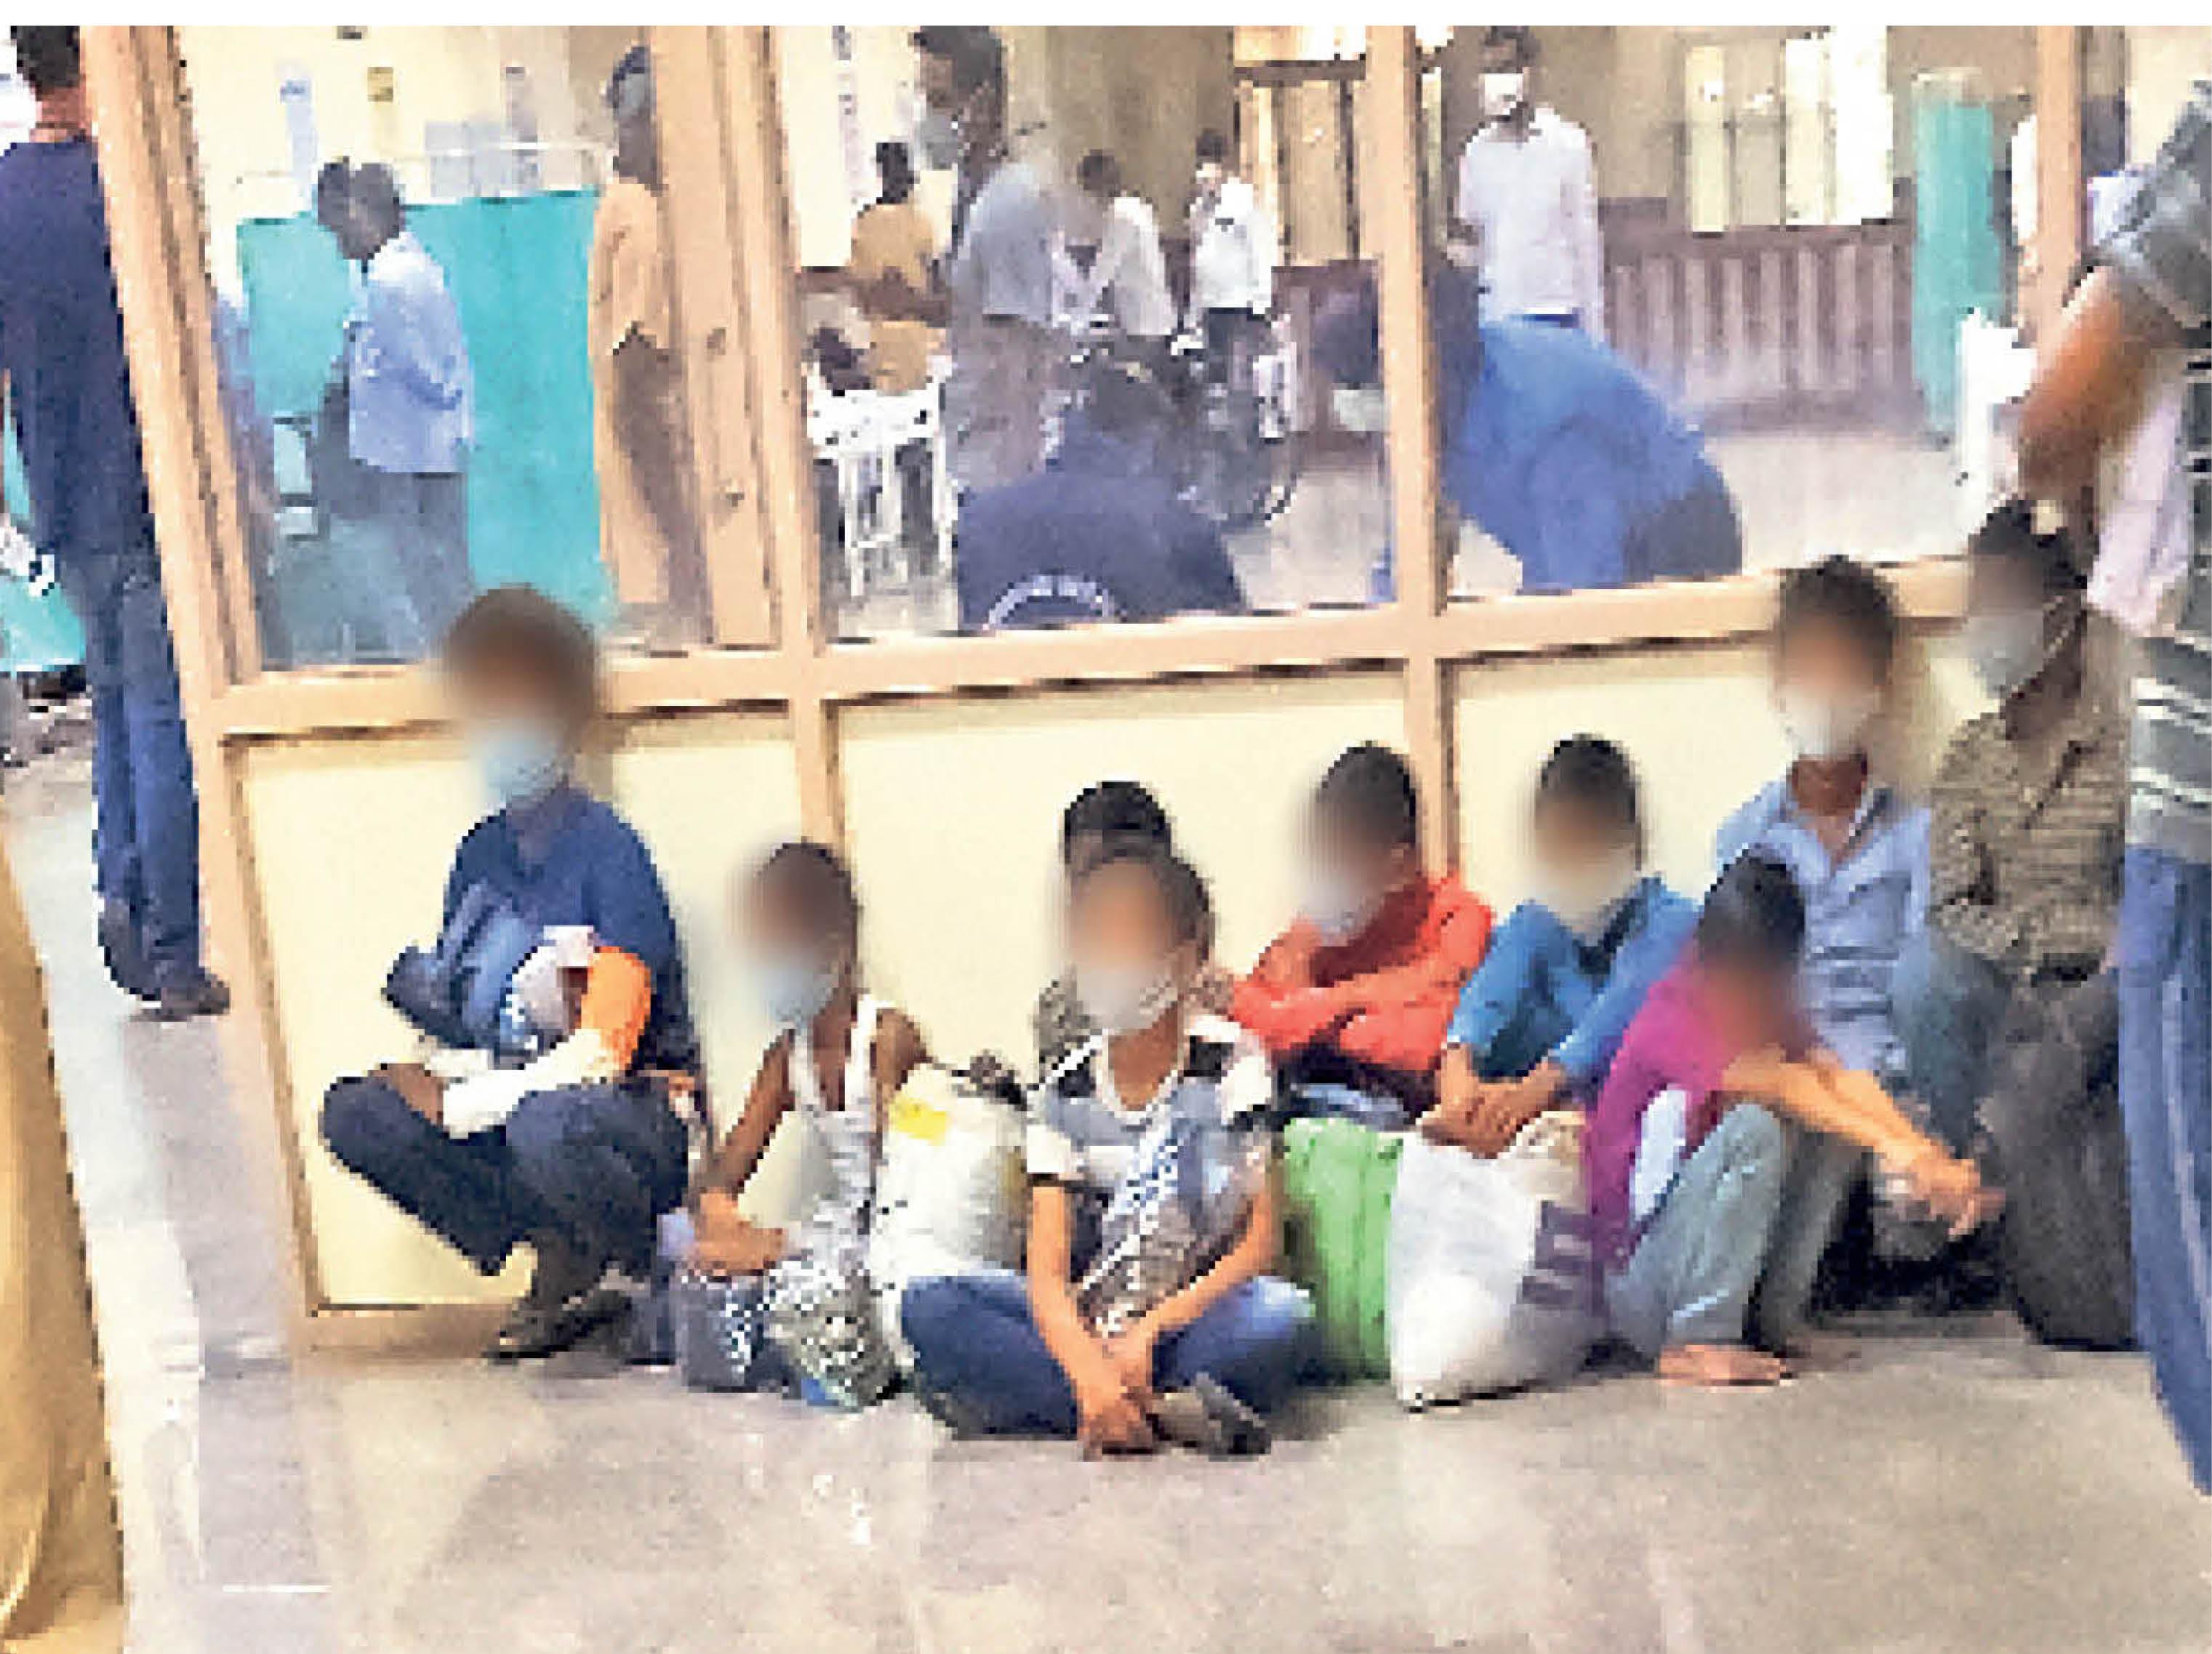 अनाथ बच्चों से बचकानी हरकत...तस्वीर आरयूएचएस की है। पुलिस रविवार को एक अनाथ आश्रम से बच्चों को जांच के लिए लाई। जल्दी जांच कराने का कहकर उन्होंने बच्चों को इमरजेंसी में फर्श पर ही बिठा दिया। हालांकि बच्चों में सैचुरेशन सही था और क्लीनिकली भी सही थे। होम आइसोलेट कर दिया गया। आरयूएचएस के कोविड इंचार्ज डॉ. अजीत सिंह की मानें तो स्टाफ ने पुलिसकर्मियों को कहा भी था कि इन्हें उचित दूरी से कुर्सियों पर बिठाओ, लेकिन उन्होंने जल्दी जांच कराने को कहा और सबको वहीं बिठा दिया।